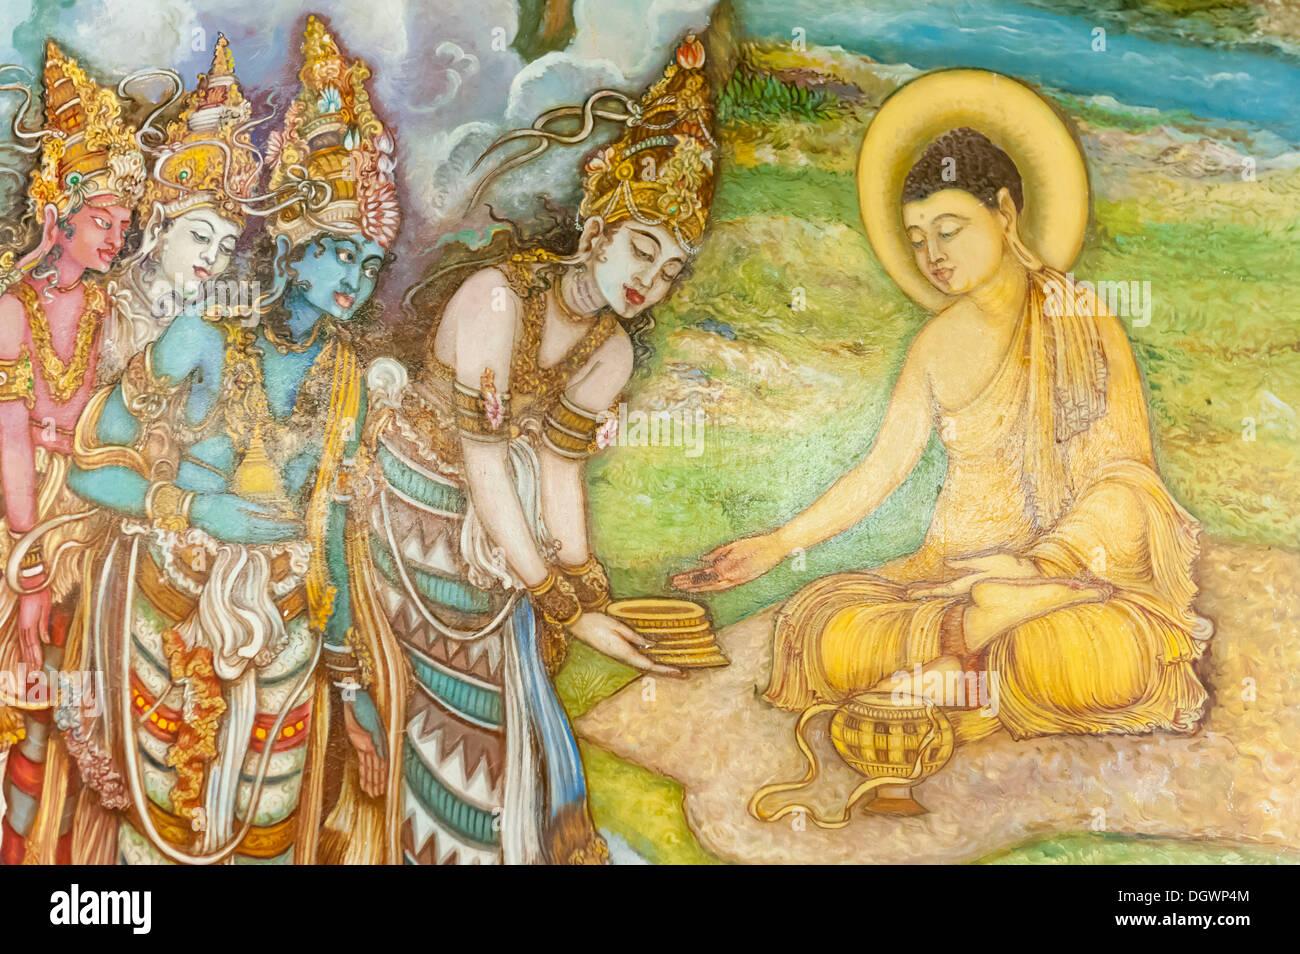 La peinture murale, illustration de Bouddha et fidèles, Temple bouddhiste, Mahiyangana Mahiyangana, Sri Lanka Photo Stock